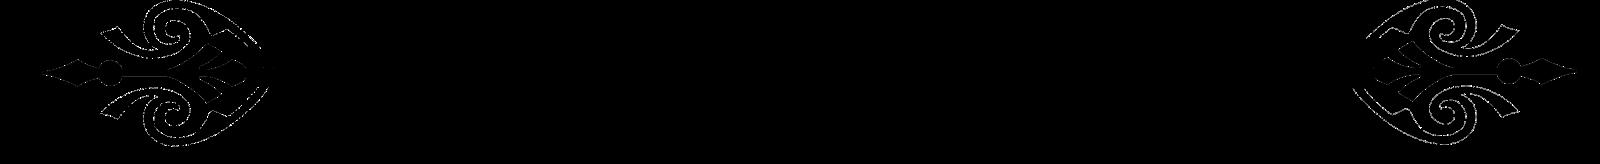 Resultado de imagen para game divider png